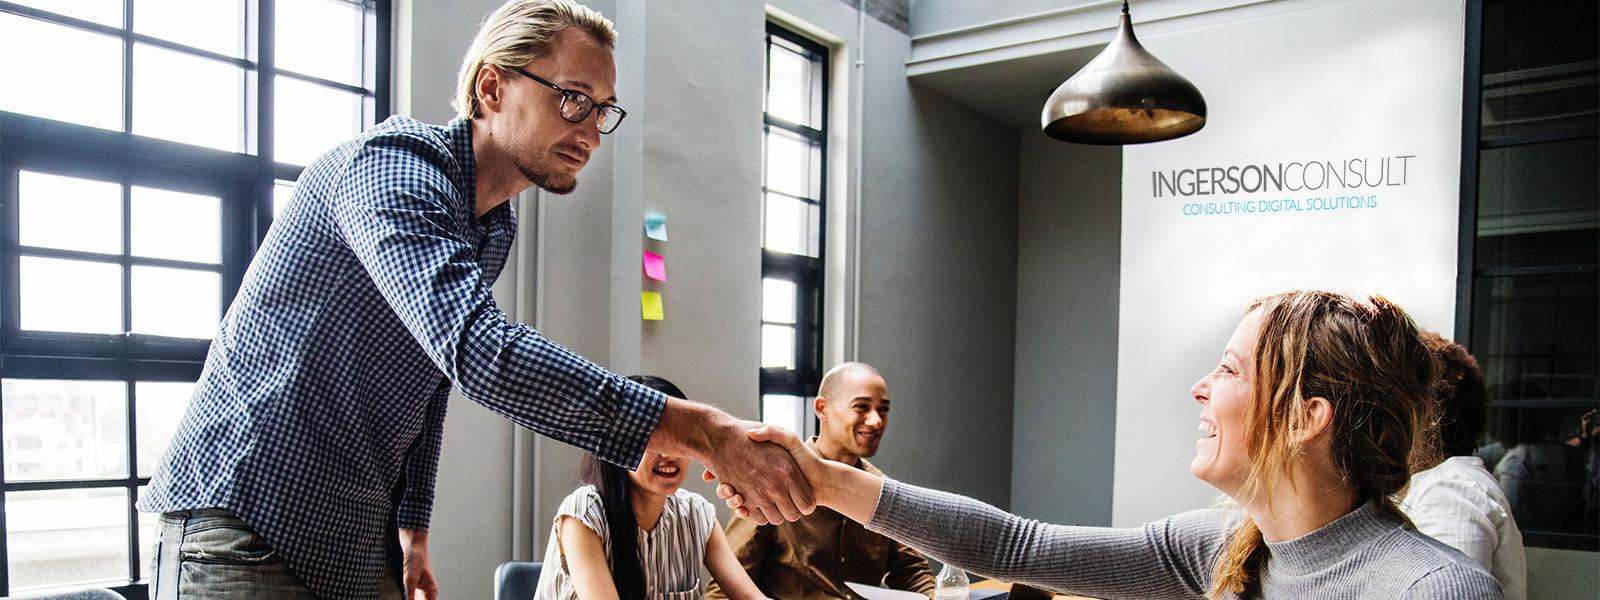 Junger Mann begrüßt seine Kollegen im Besprechungsraum